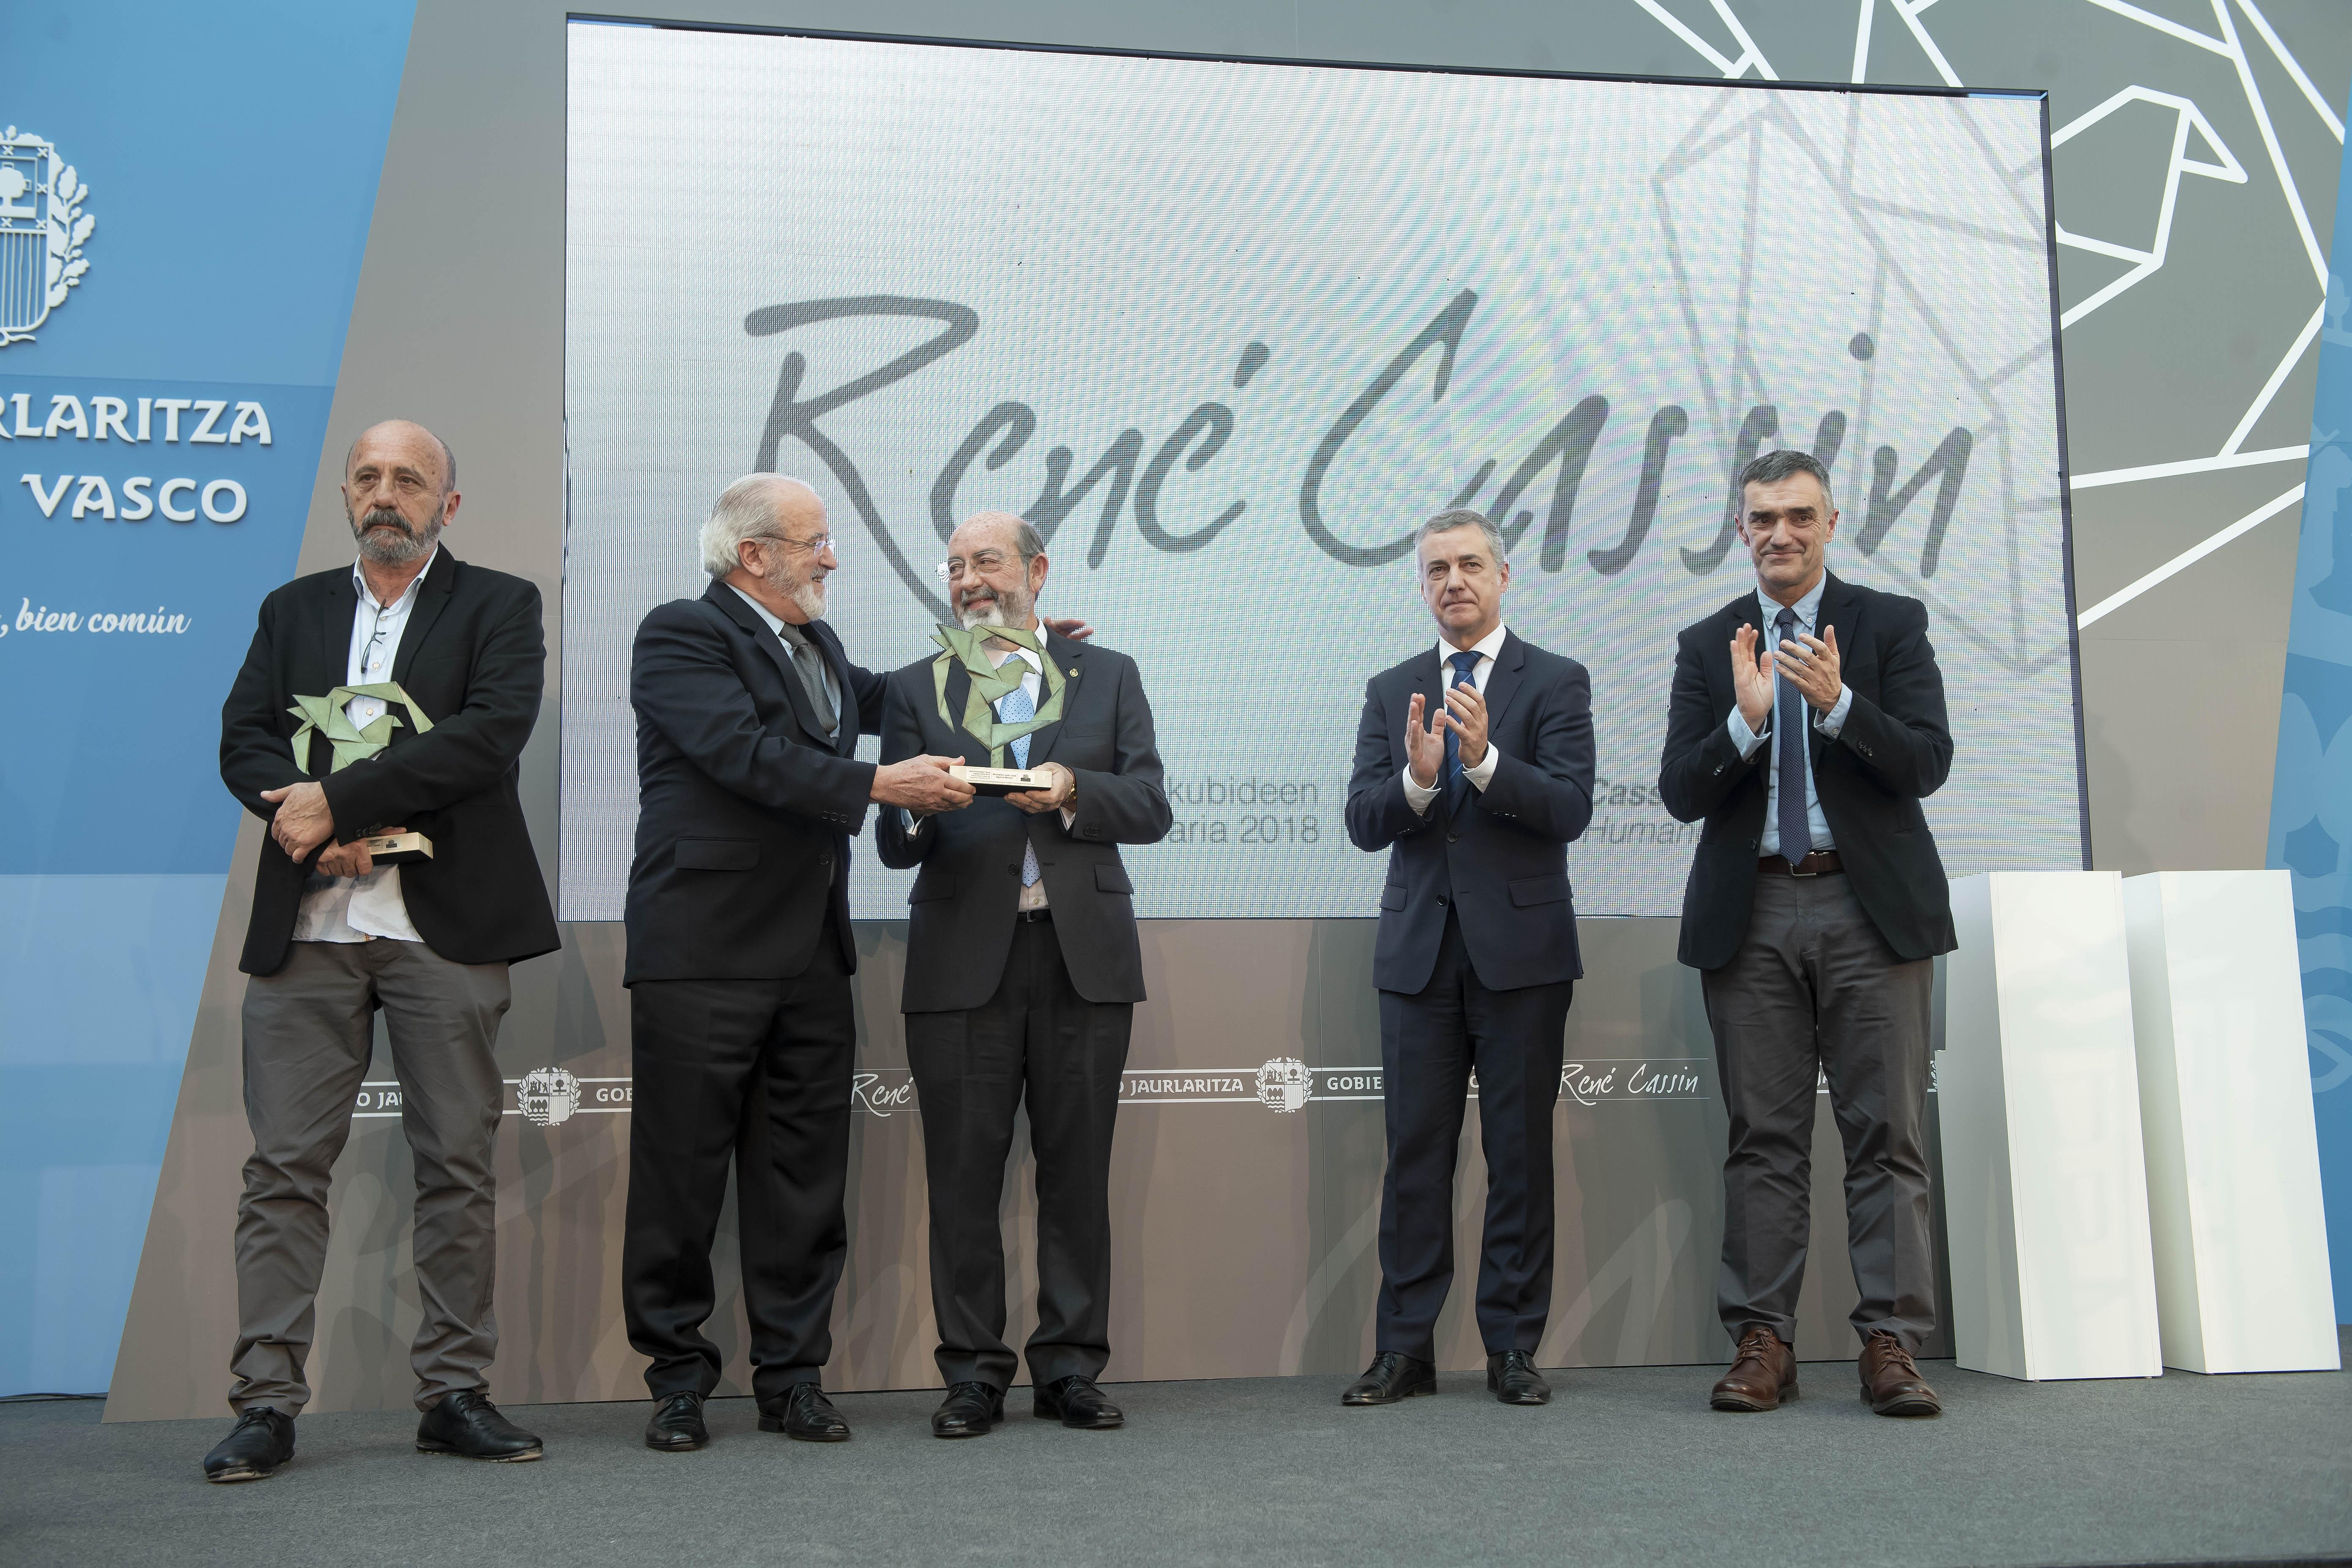 El Lehendakari entrega el Premio René Cassin 2018 a los activistas y defensores de los Derechos Humanos José Palazón y Juan José Aguirre